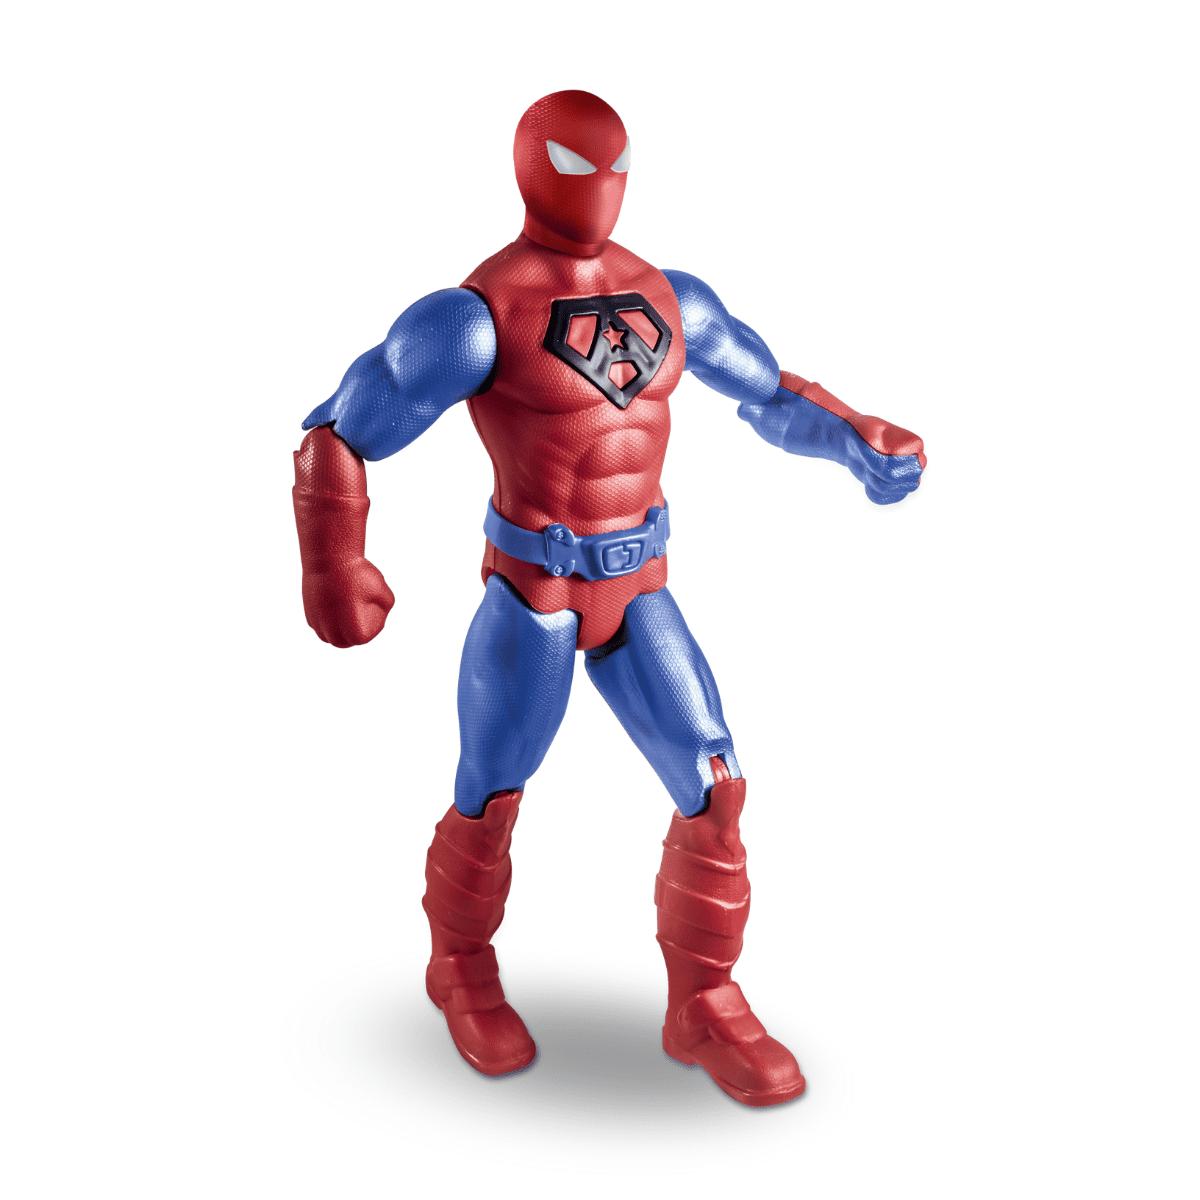 Boneco de Brinquedo Super Heroes Soldier Super Herói